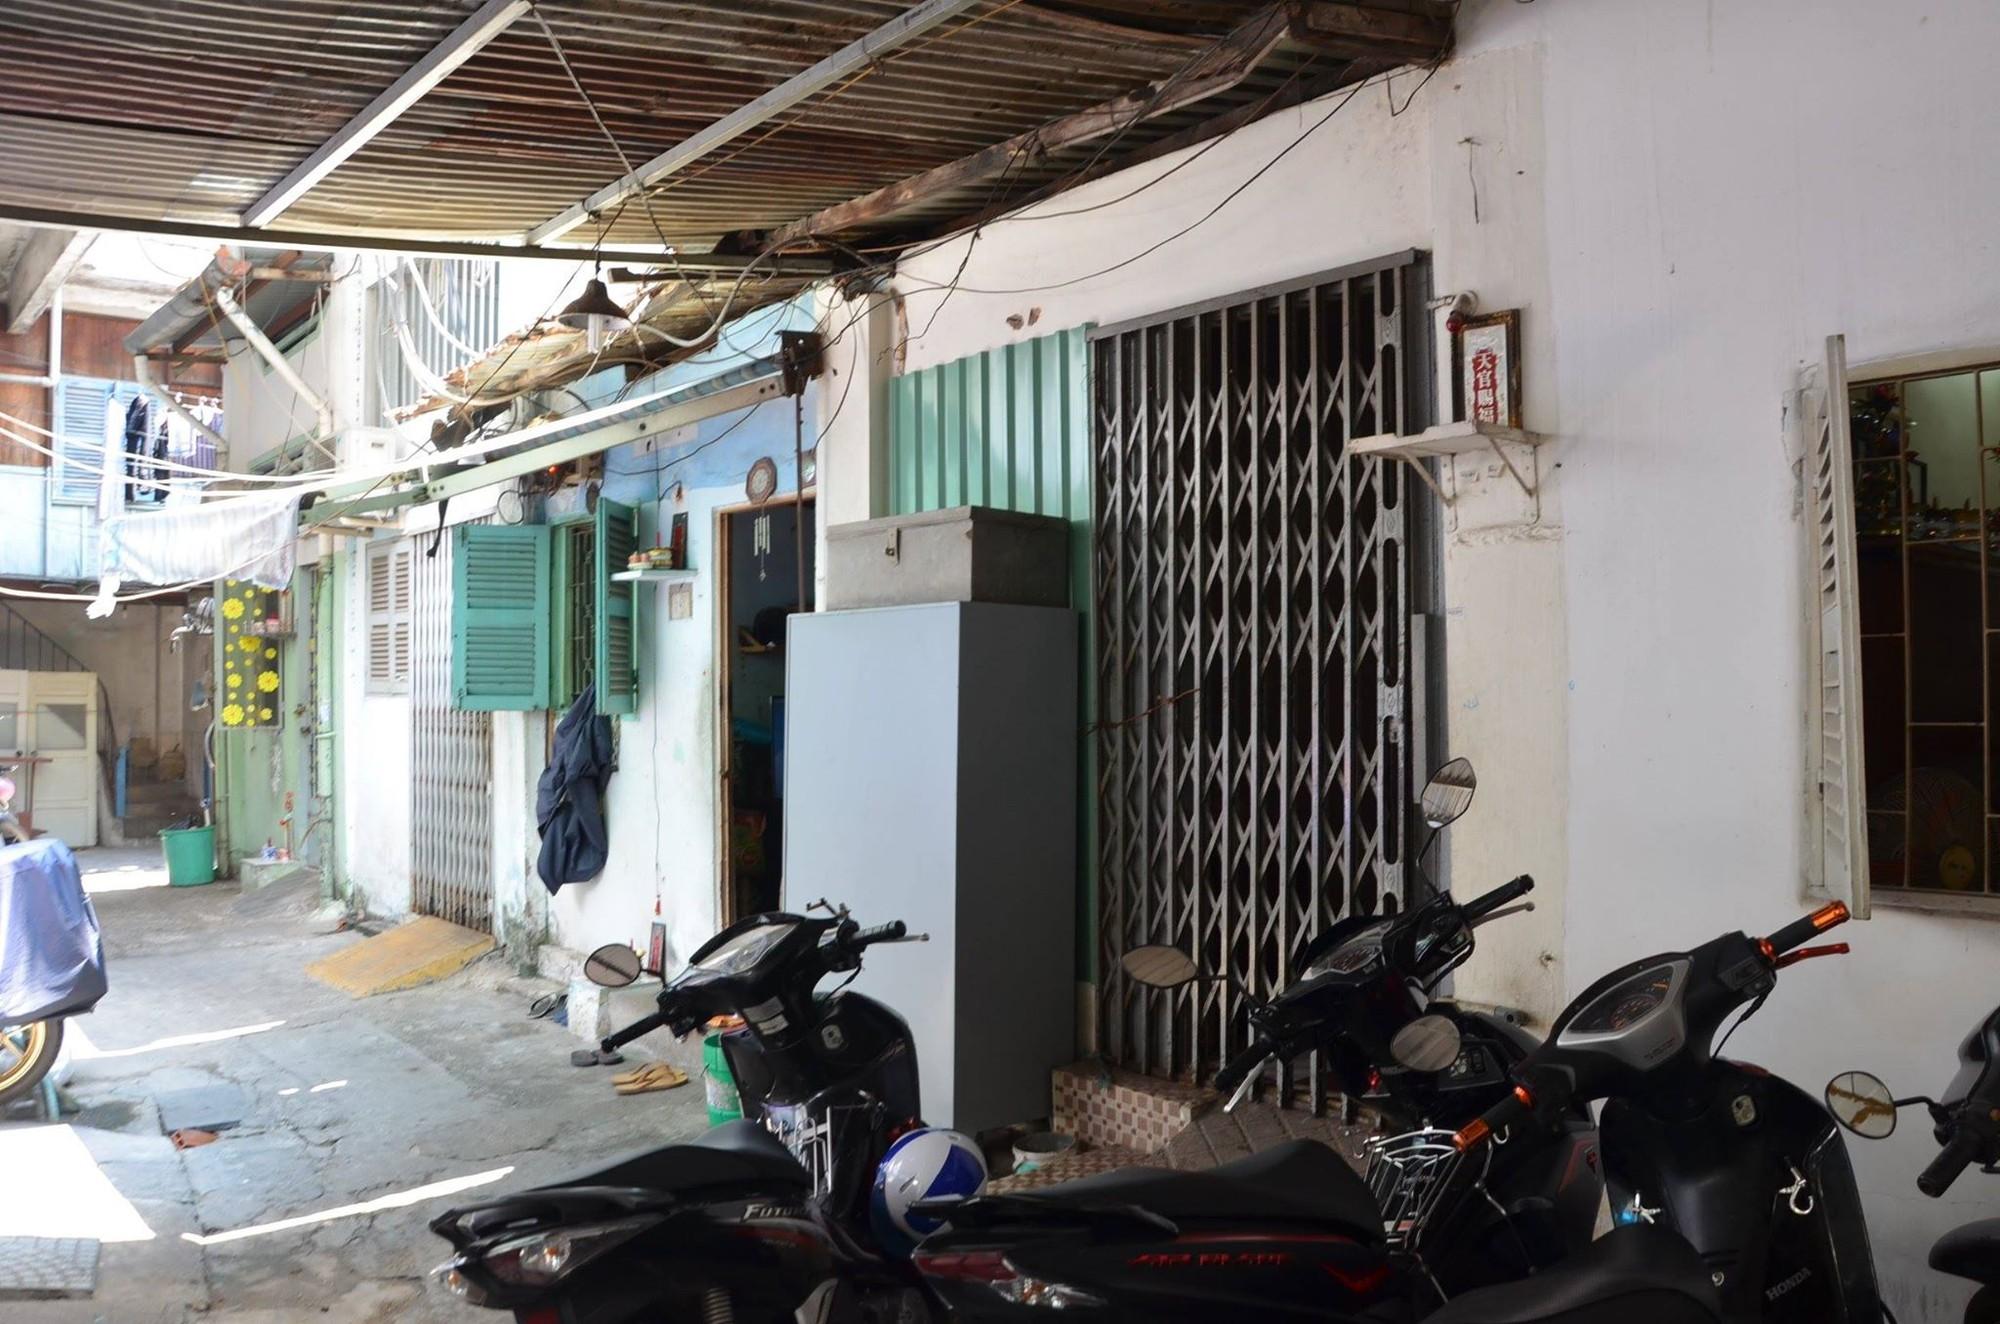 Nhóm người lạ đánh đập 2 cụ bà trọng thương, phải nhập viện ở Sài Gòn - Ảnh 1.